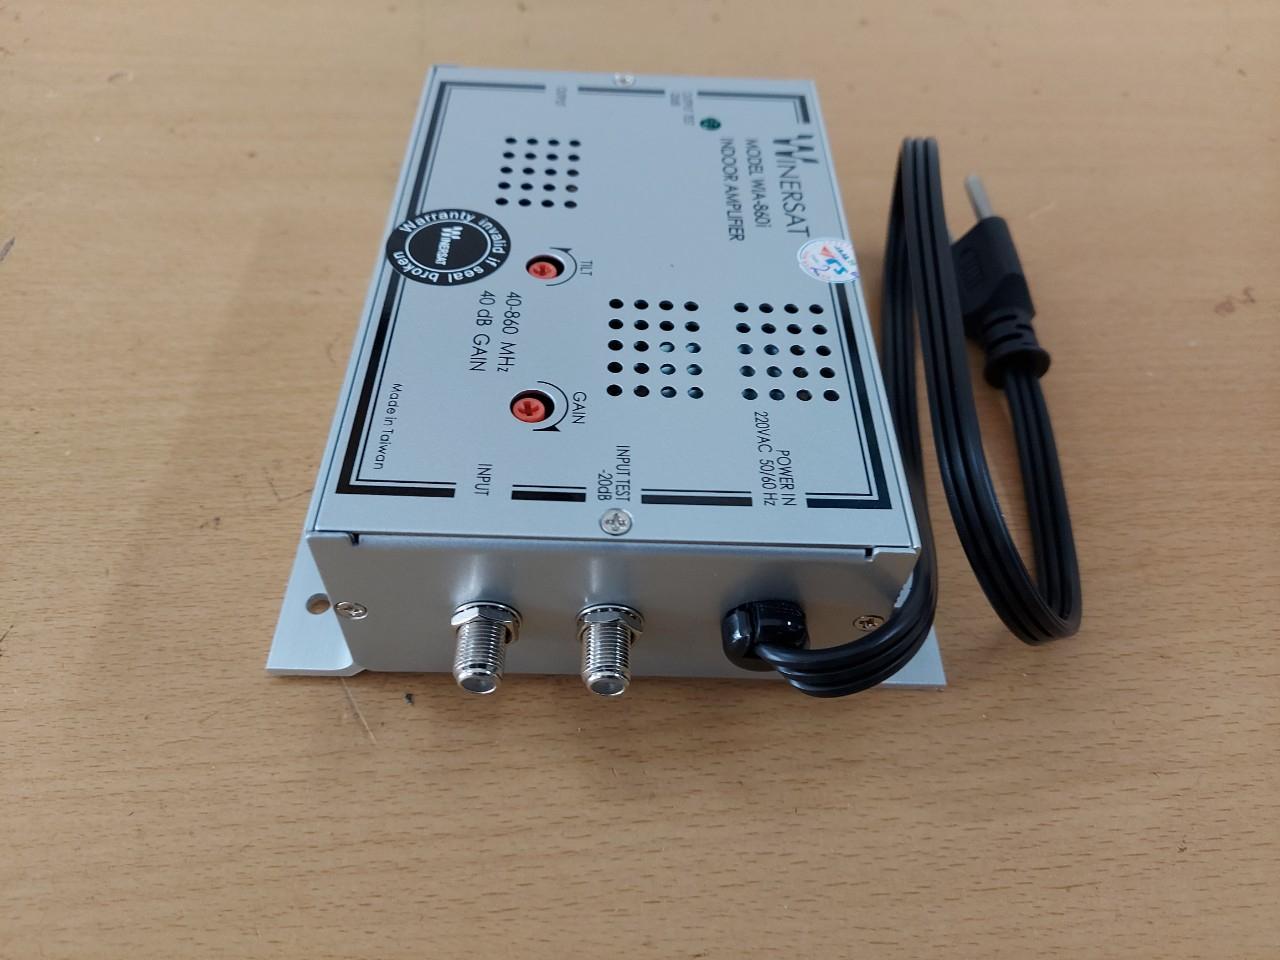 Bộ khuếch đại truyền hình cáp Winersat  WIA-860i